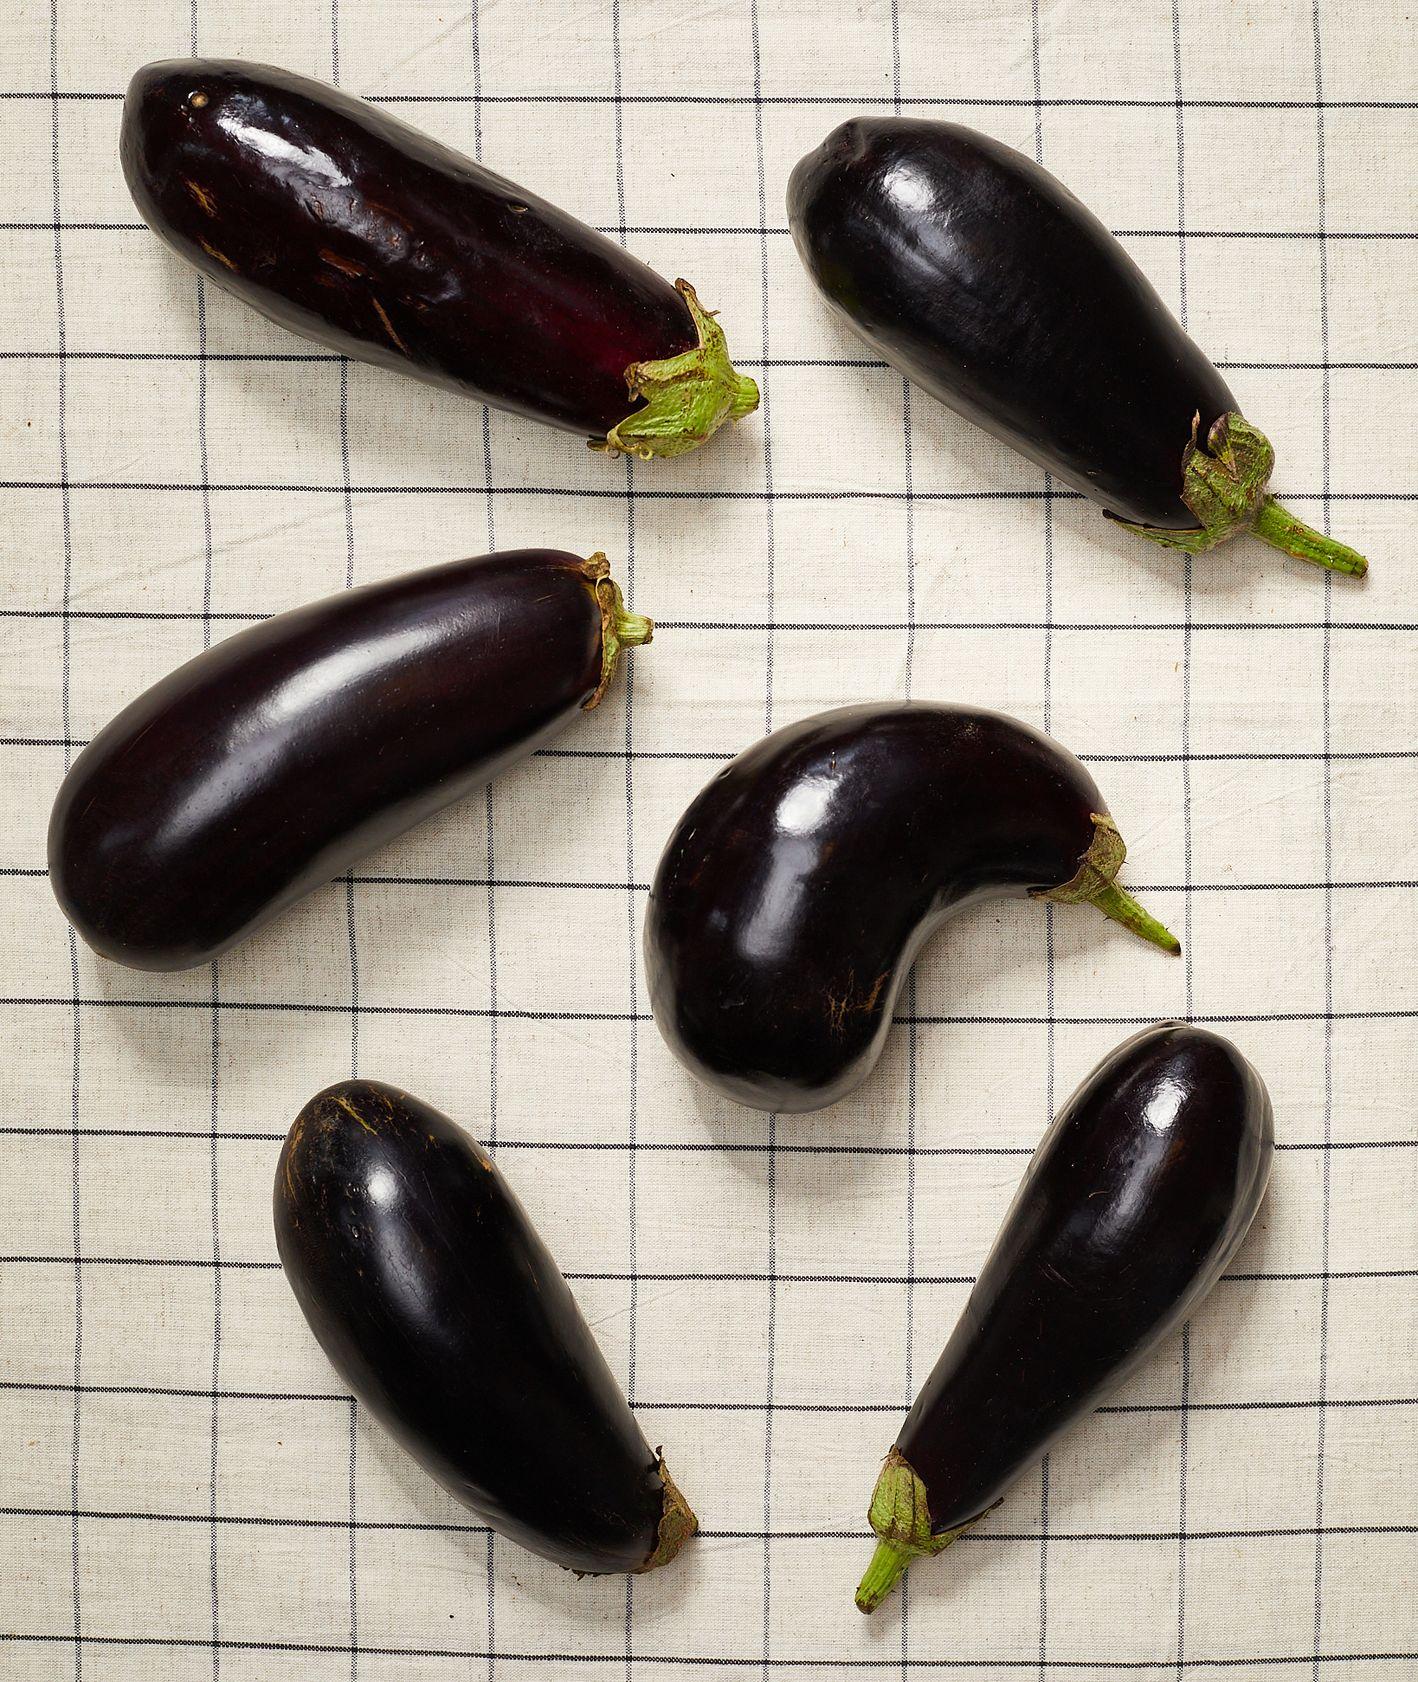 Kuchnia włoska, przepisy na bakłażany. Jak przygotować bakłażan (fot. Maciek Niemojewski)